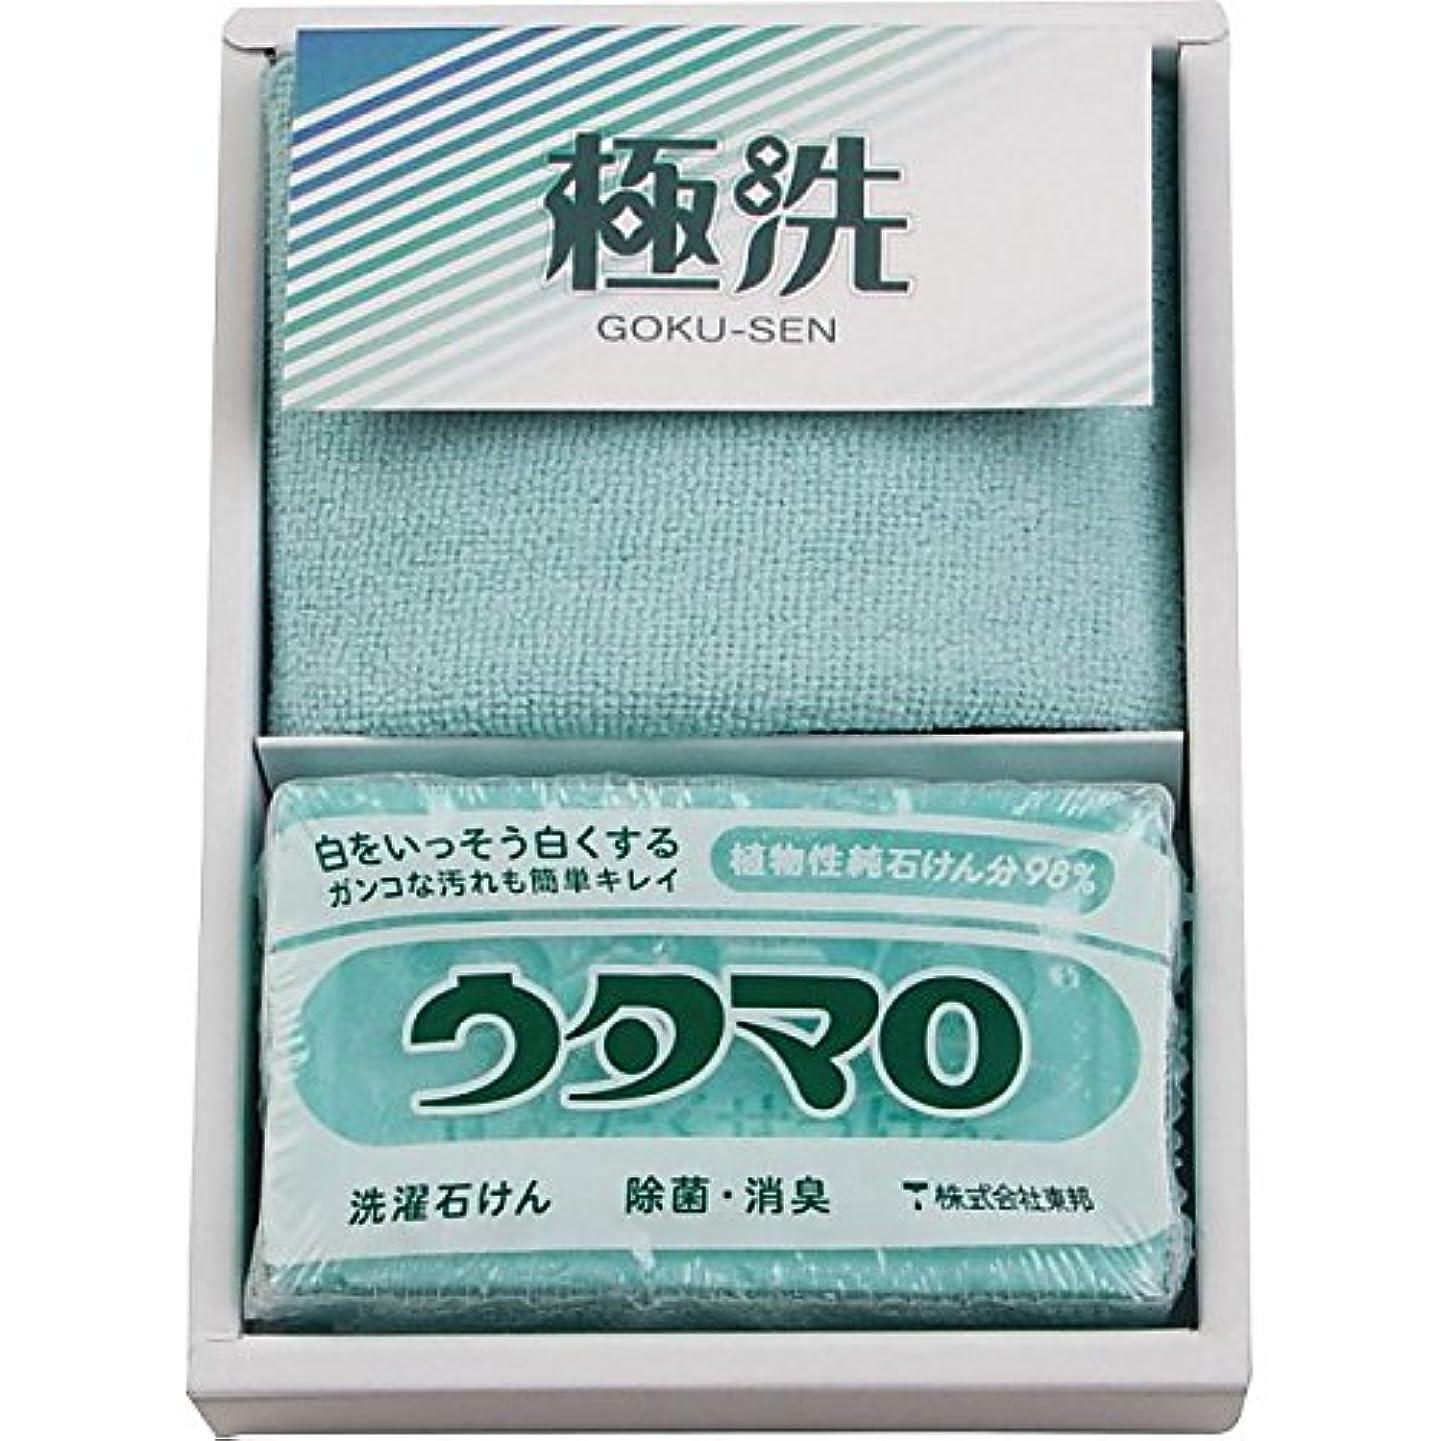 シャンパン排除する最愛の(ウタマロ) 石鹸セット (835-1053r)